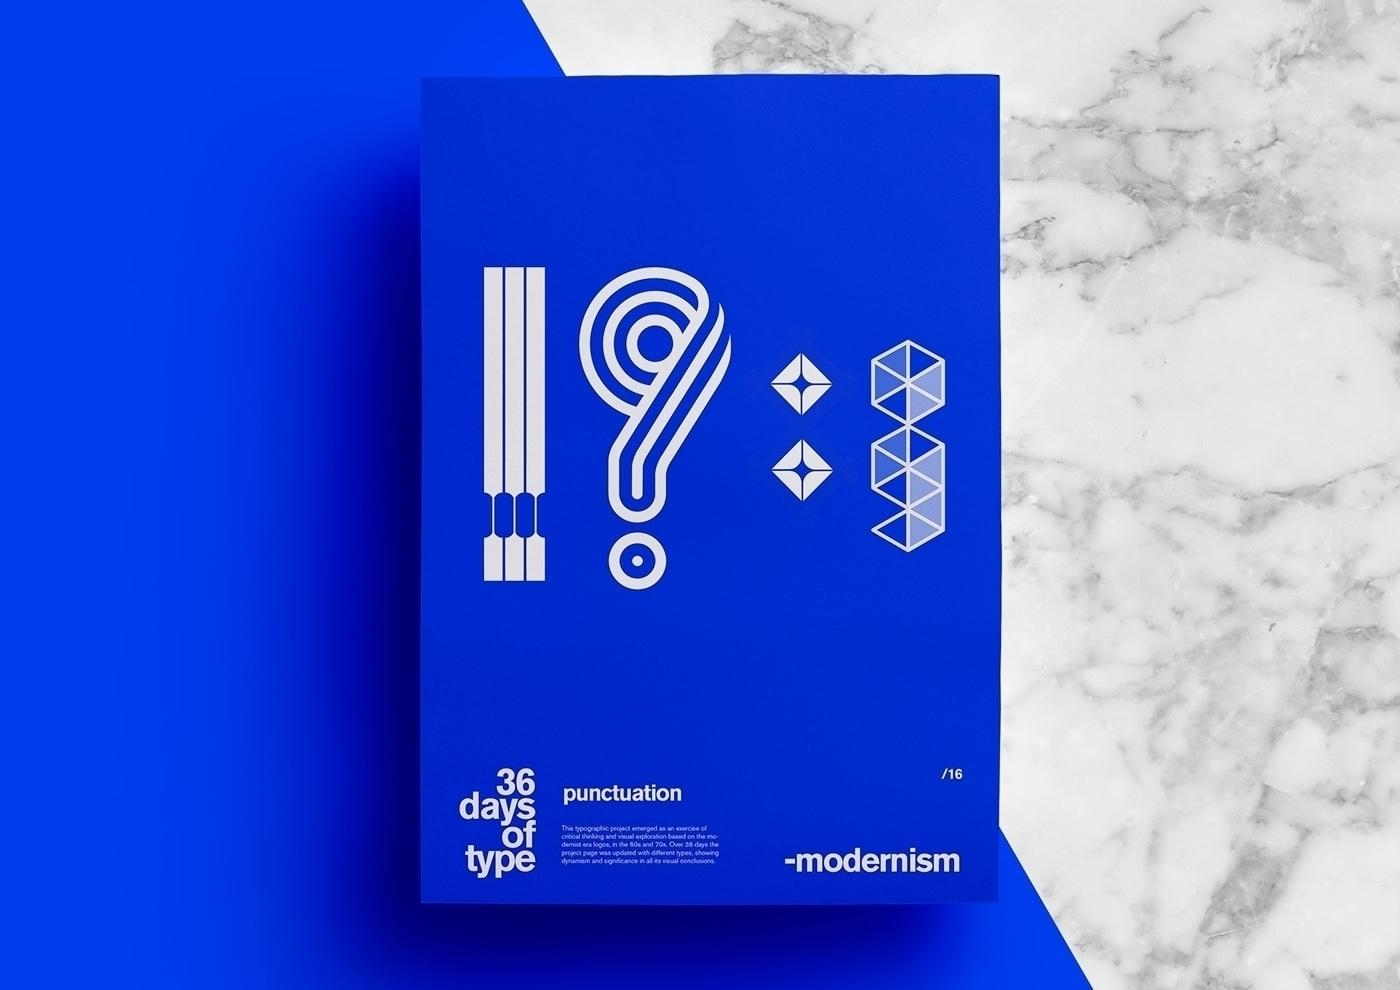 36daysoftype. modernism - Branding - msiqueiraf | ello